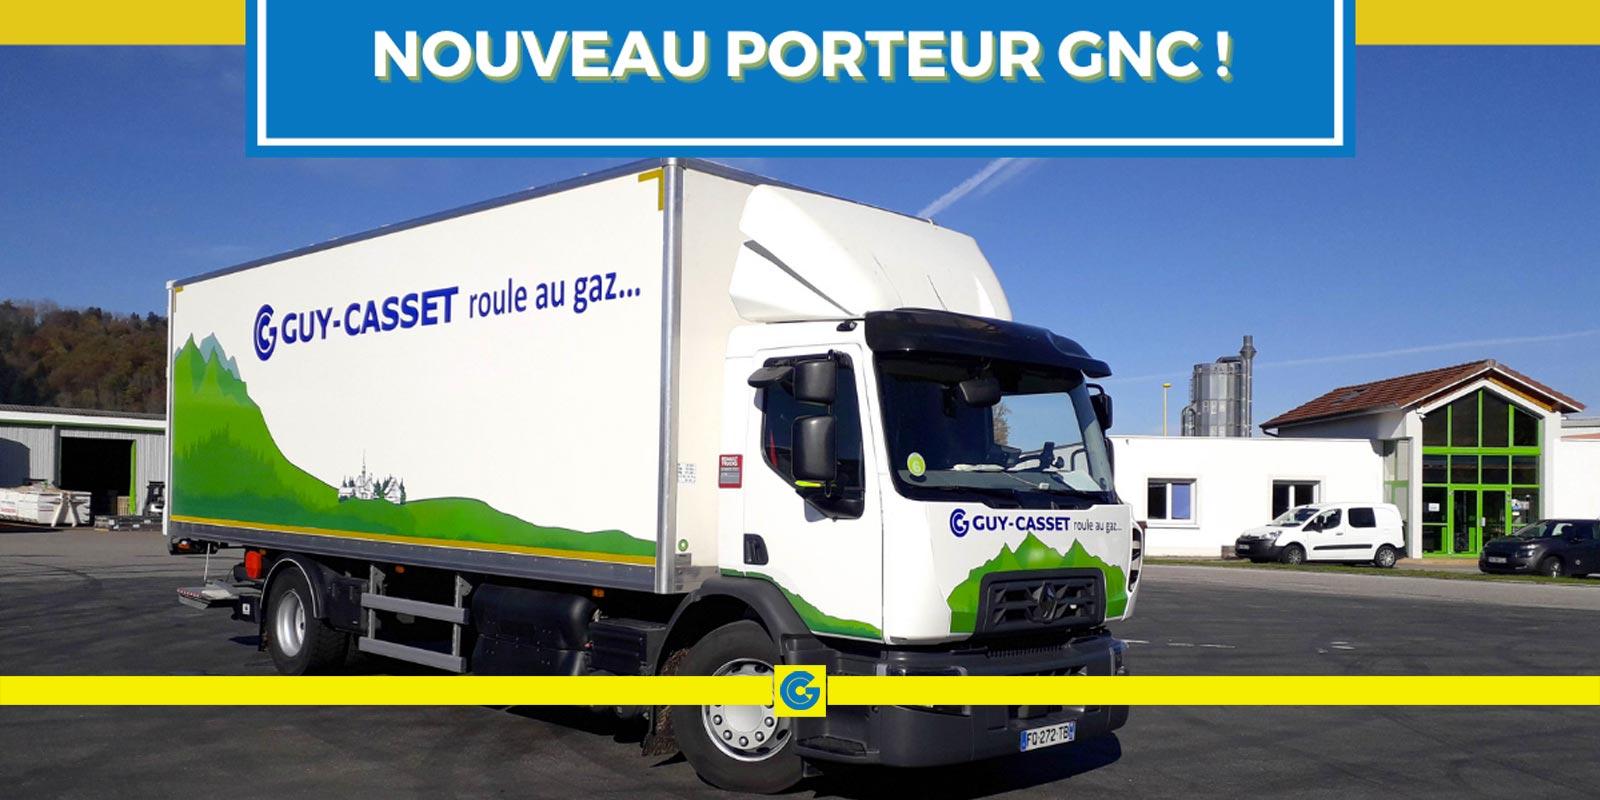 Un porteur GNC a rejoint notre flotte de véhicules!